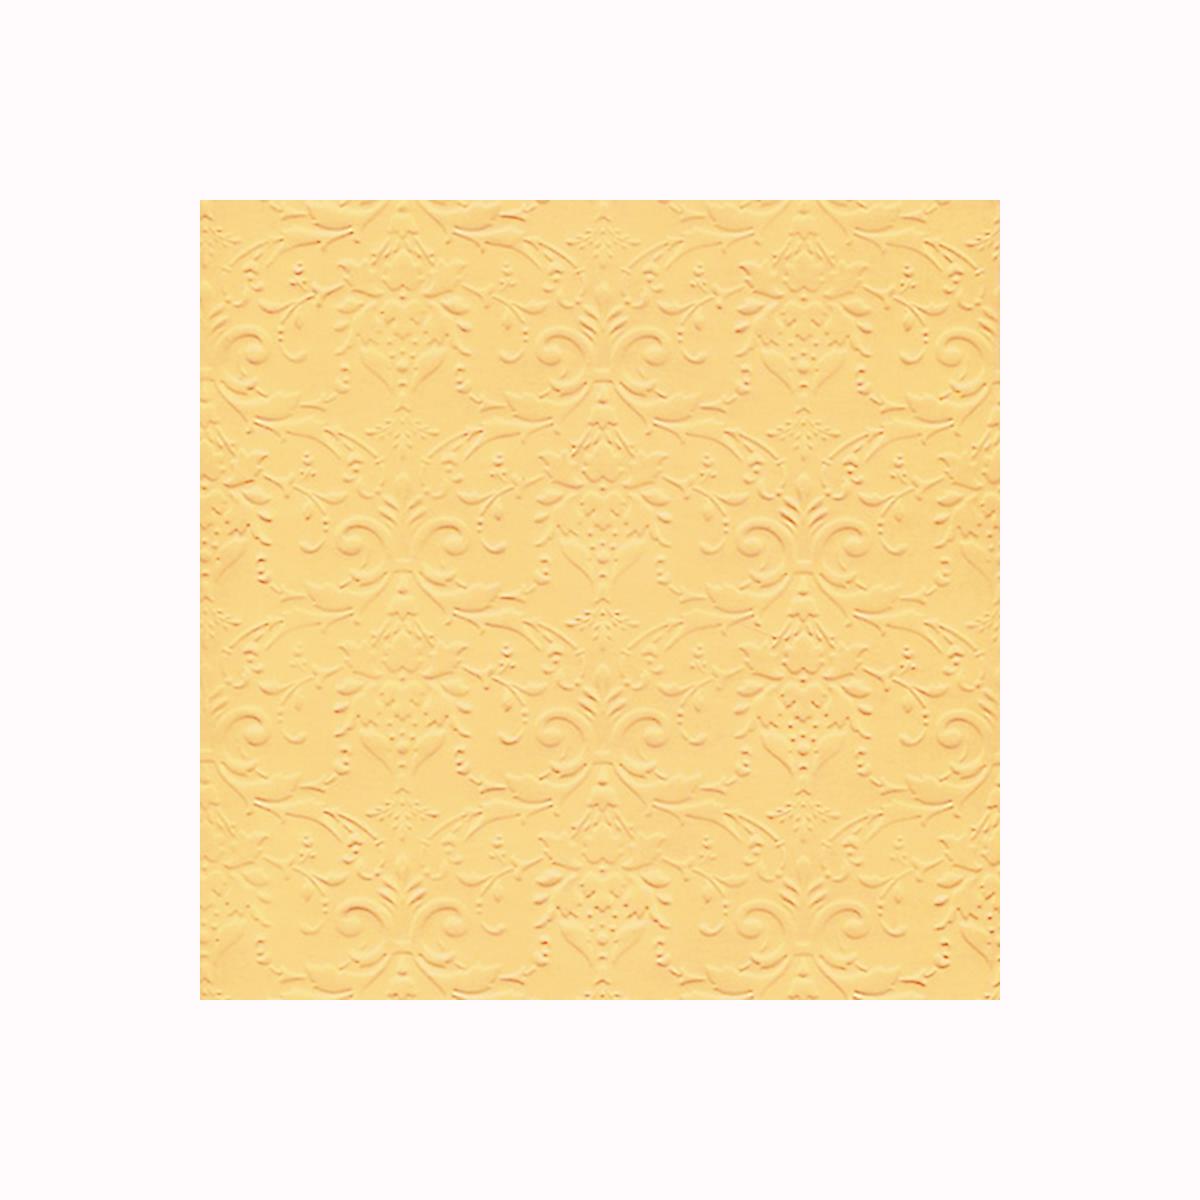 Бумага фактурная Лоза Дамасский узор, цвет: желтый, 3 листаNLED-454-9W-BKФактурная бумага для скрапбукинга Лоза Дамасский узор позволит создать красивый альбом, фоторамку или открытку ручной работы, оформить подарок или аппликацию. Набор включает в себя 3 листа из плотной бумаги. Скрапбукинг - это хобби, которое способно приносить массу приятных эмоций не только человеку, который этим занимается, но и его близким, друзьям, родным. Это невероятно увлекательное занятие, которое поможет вам сохранить наиболее памятные и яркие моменты вашей жизни, а также интересно оформить интерьер дома.